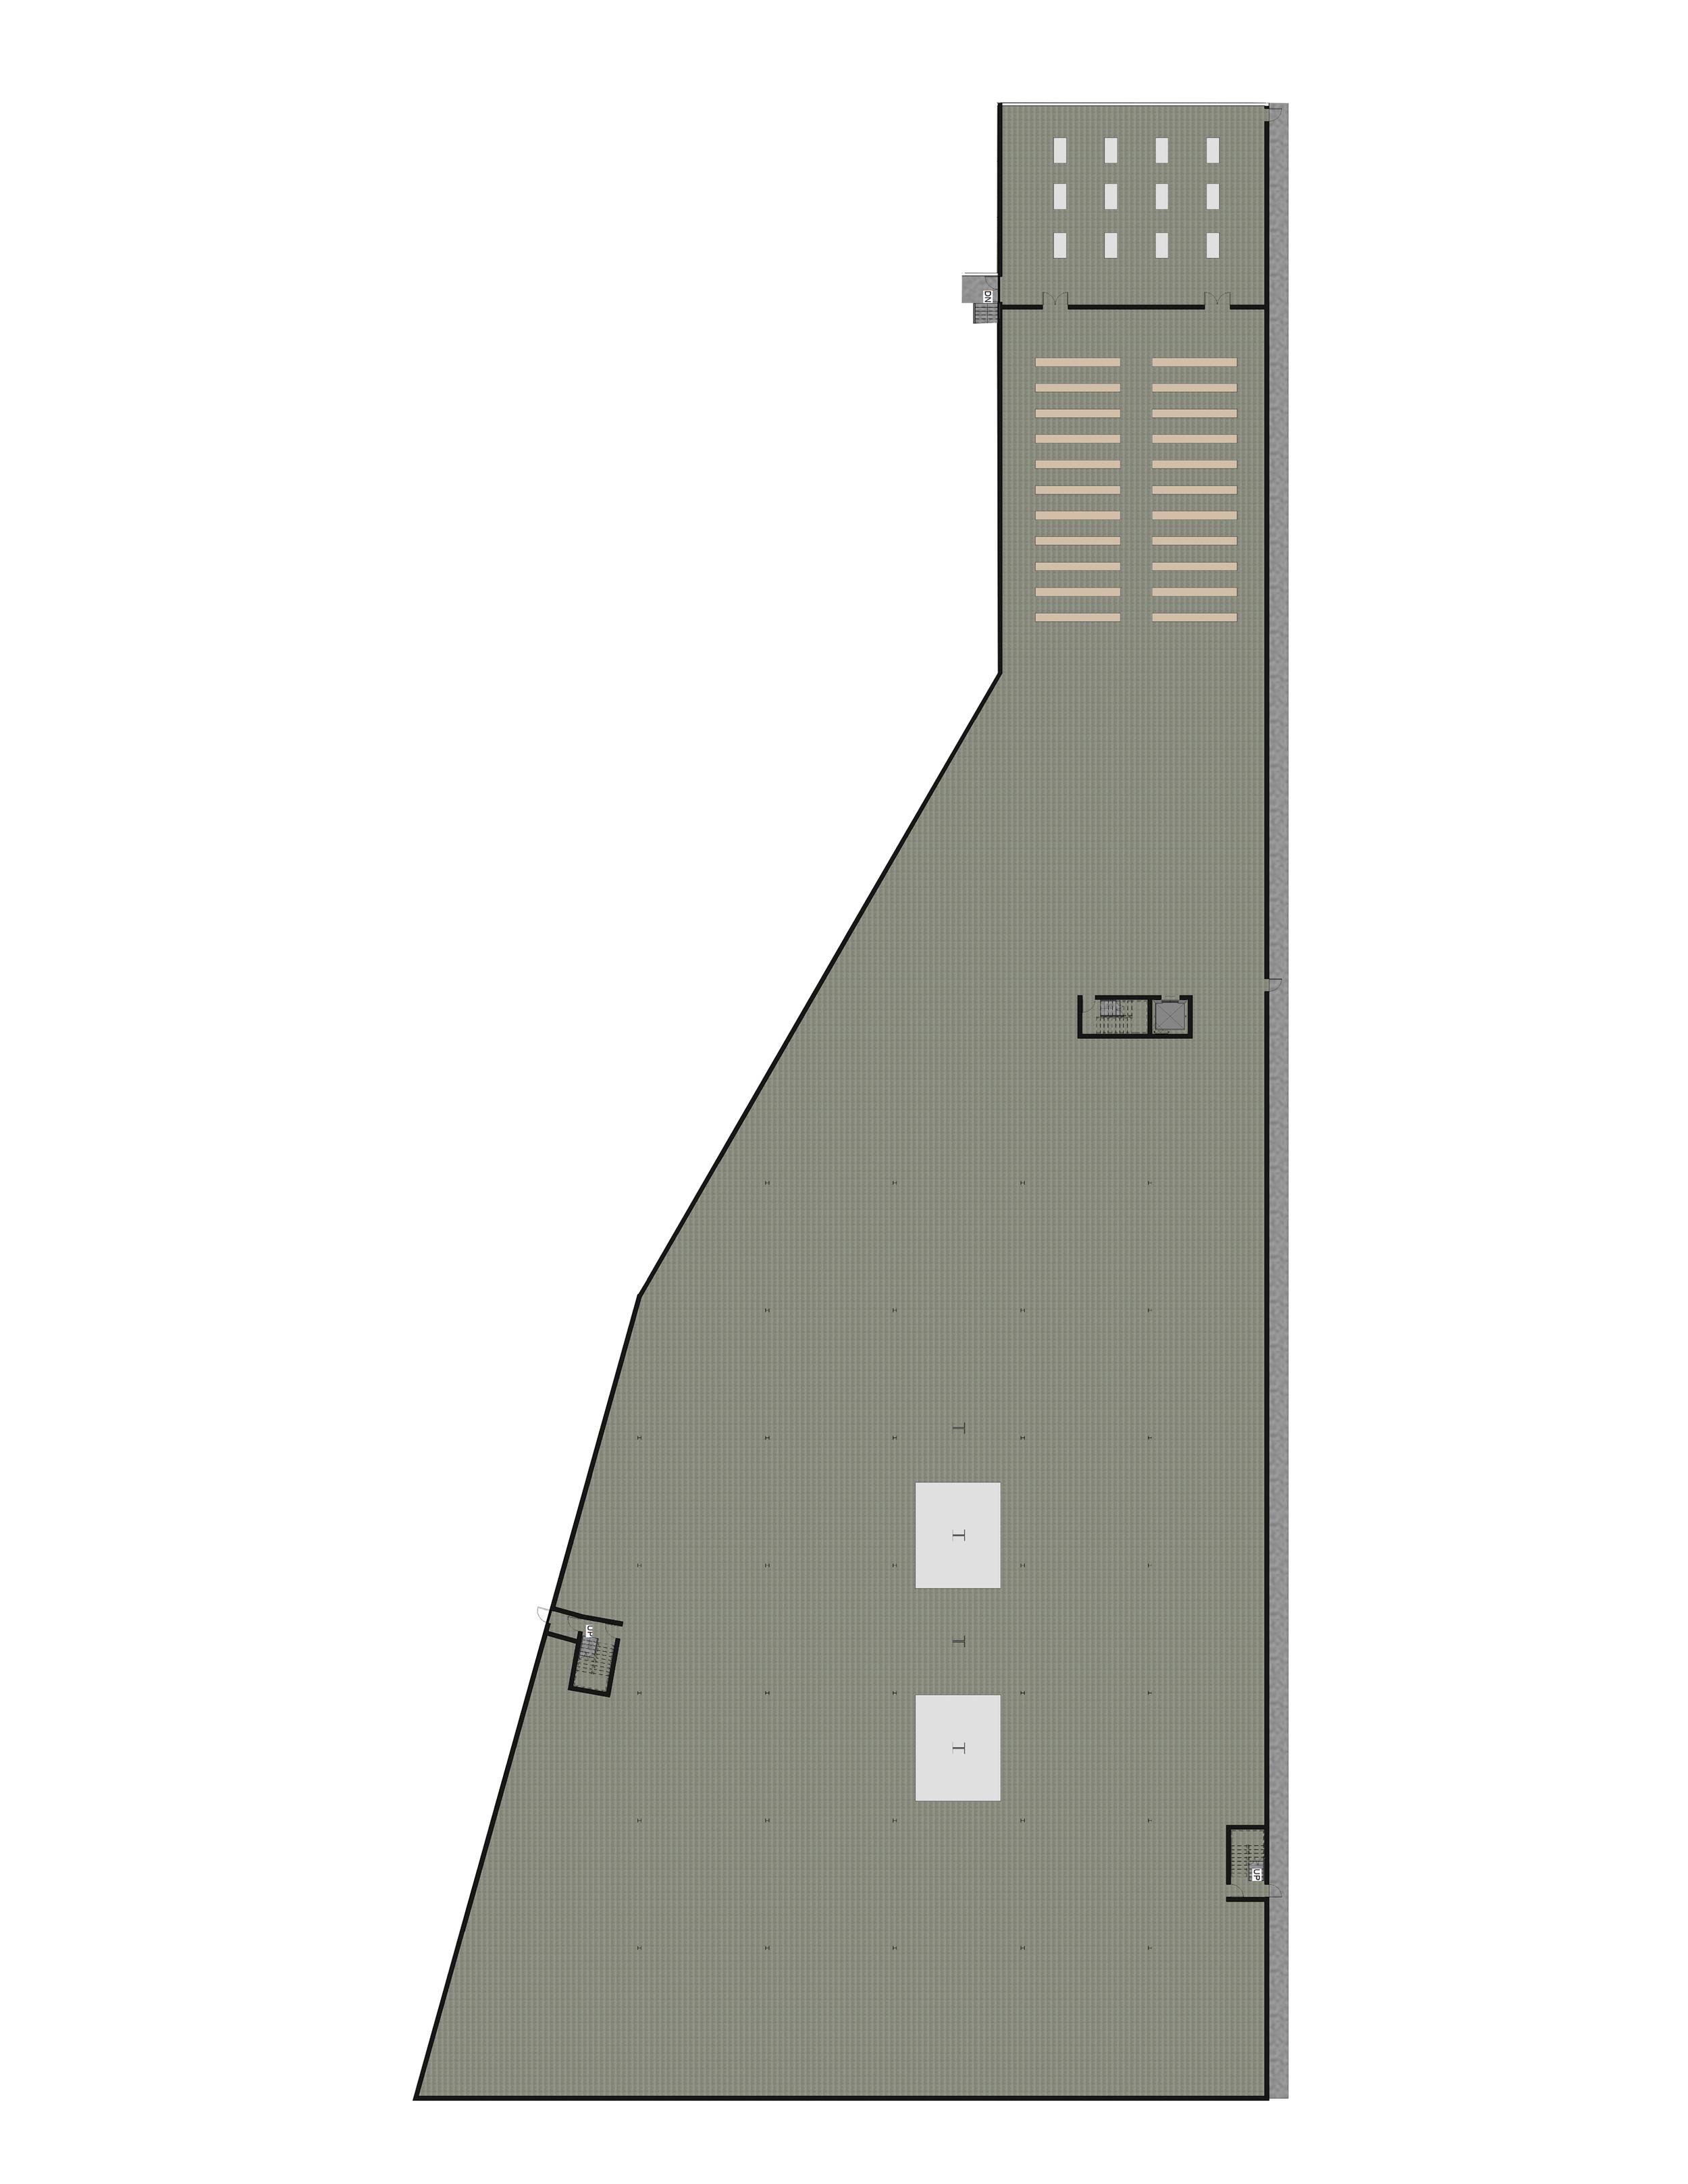 Manufacturing Ground Floor Plan